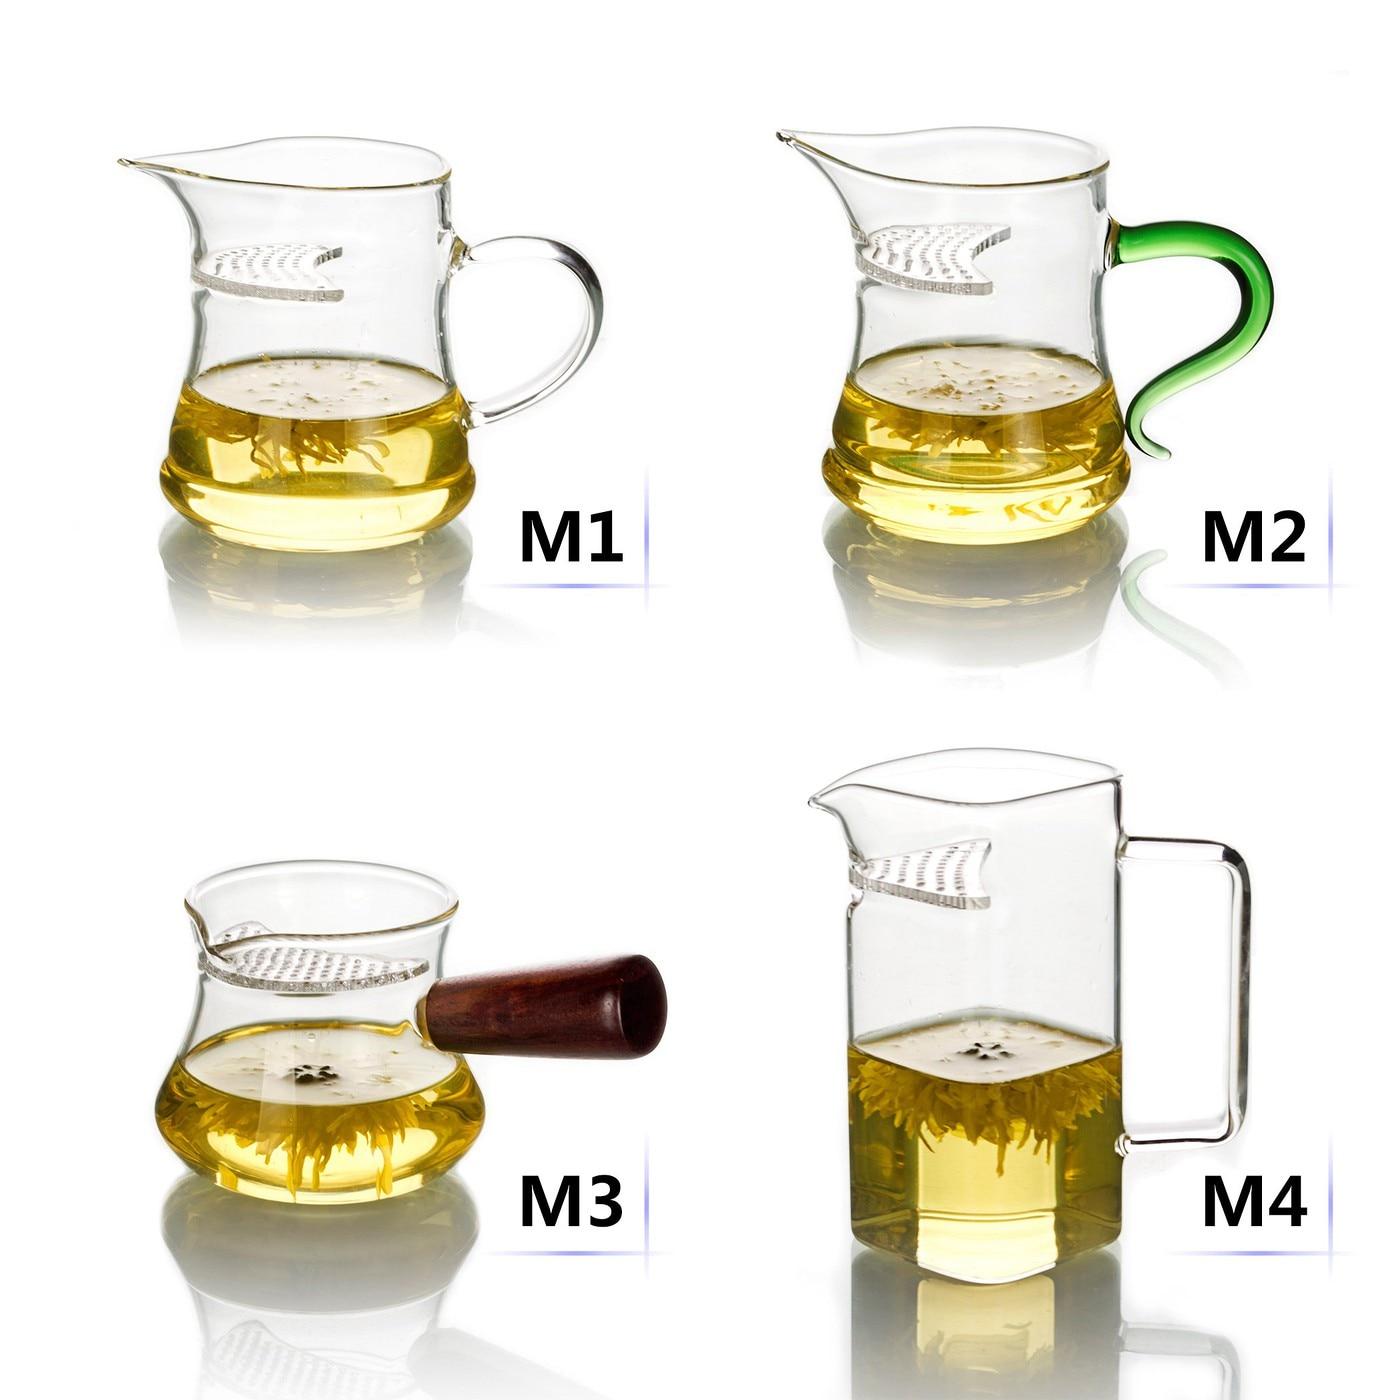 أنواع إبريق الشاي الزجاج الشفاف المقاوم للحرارة المدمج في تصفية مع مقبض اليدوية عادلة القدح تشا هاي الشاي